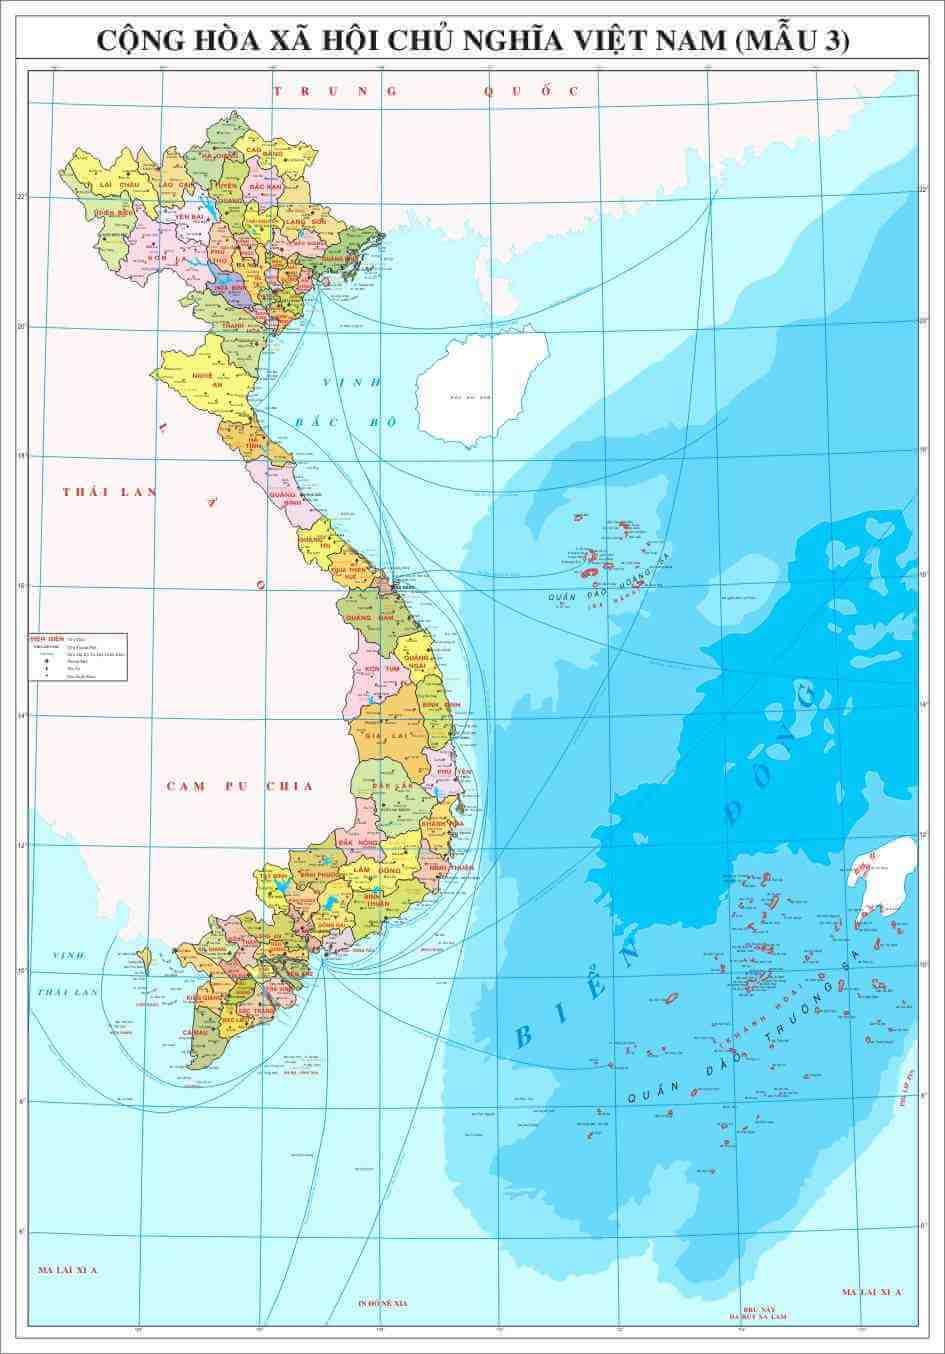 Bản đồ việt nam có ý nghĩa như thế nào ?